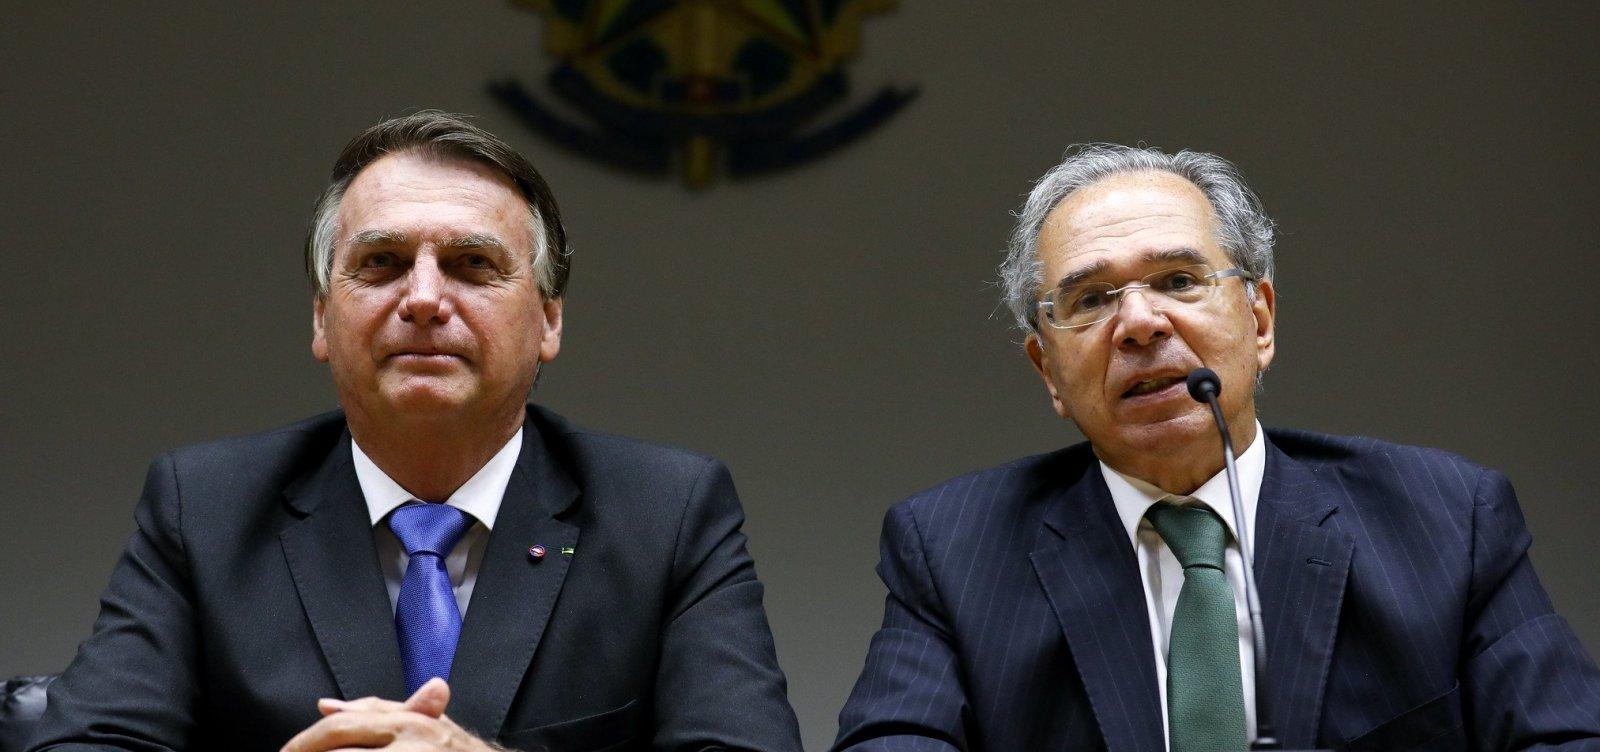 Aprovação de reformas compensaria furo do teto de gastos, diz Guedes